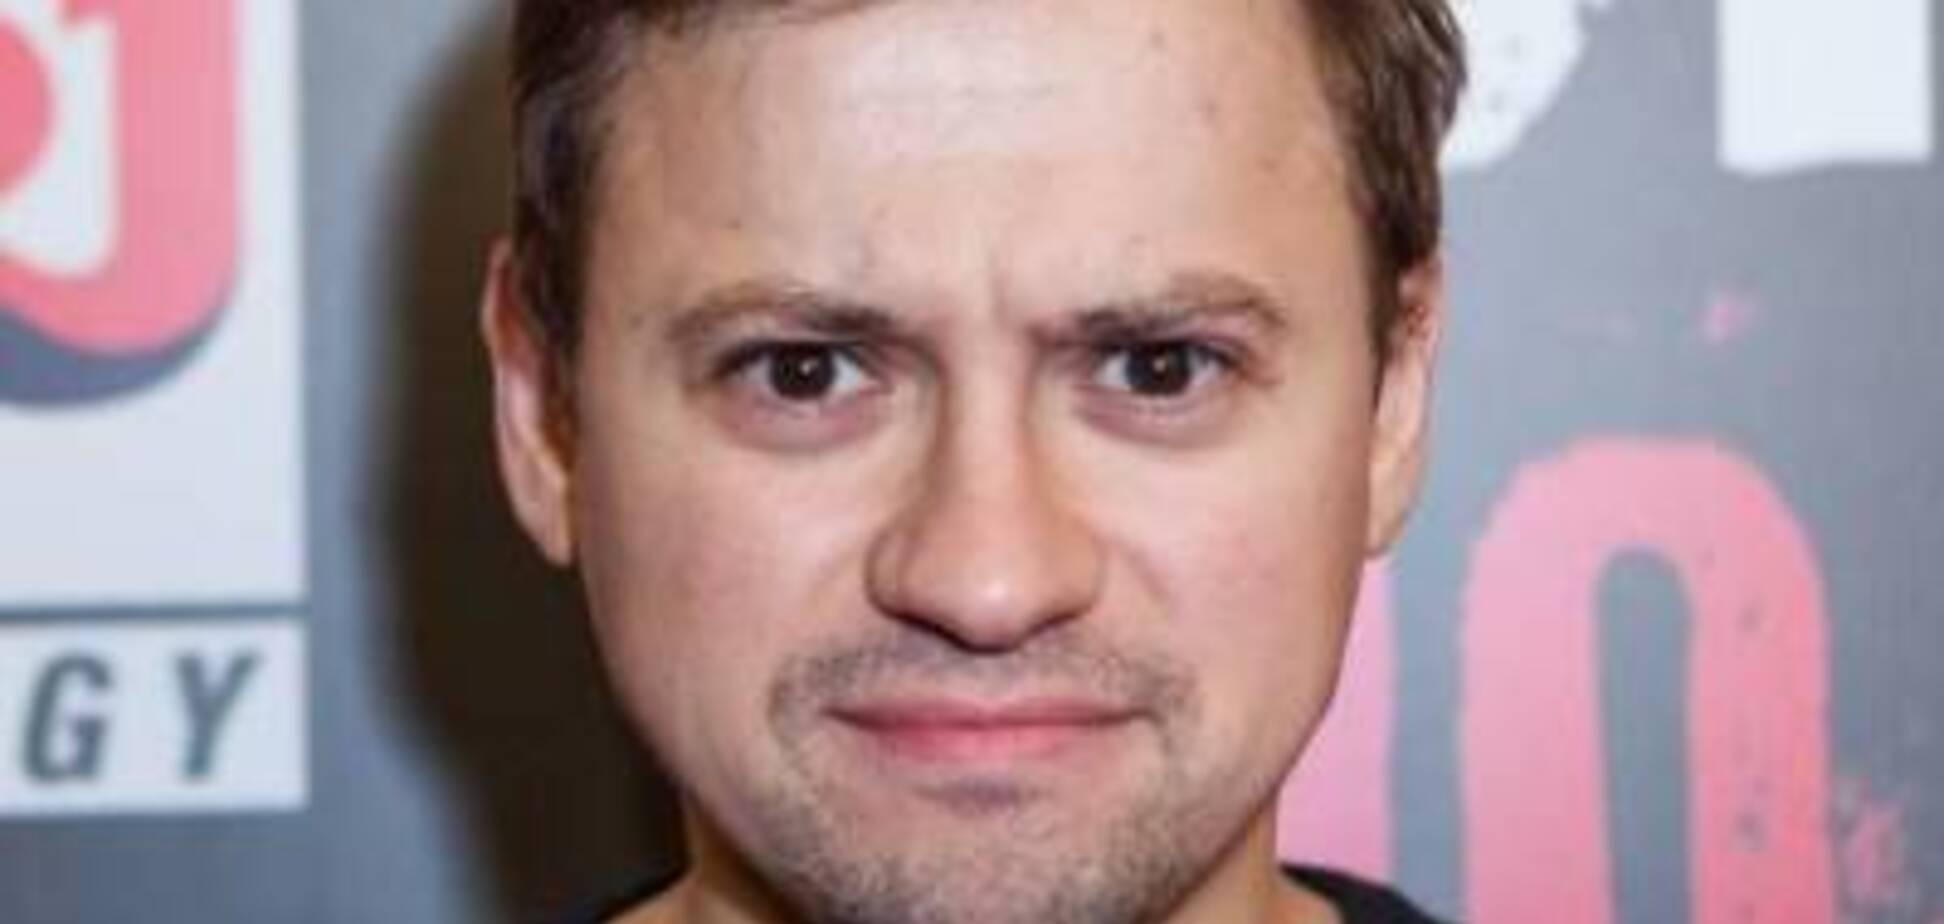 Победивший рак звезда 'Универа' очень изменился: как выглядит 36-летний Андрей Гайдулян сейчас